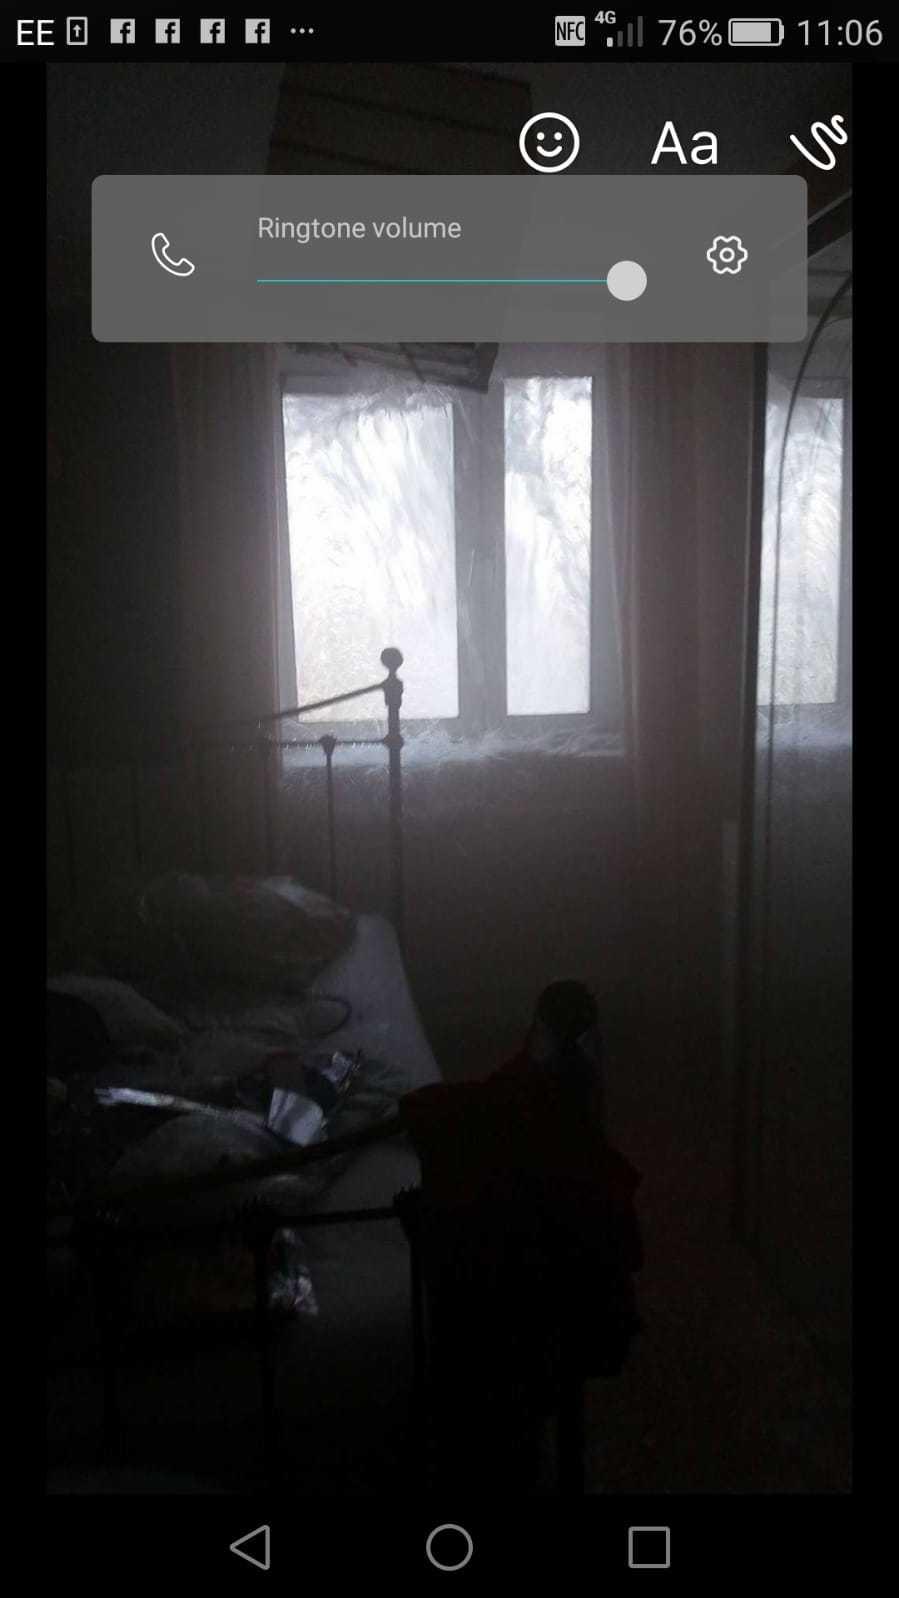 Det var nya fönster i huset men röken välde ändå in i lägenheten.